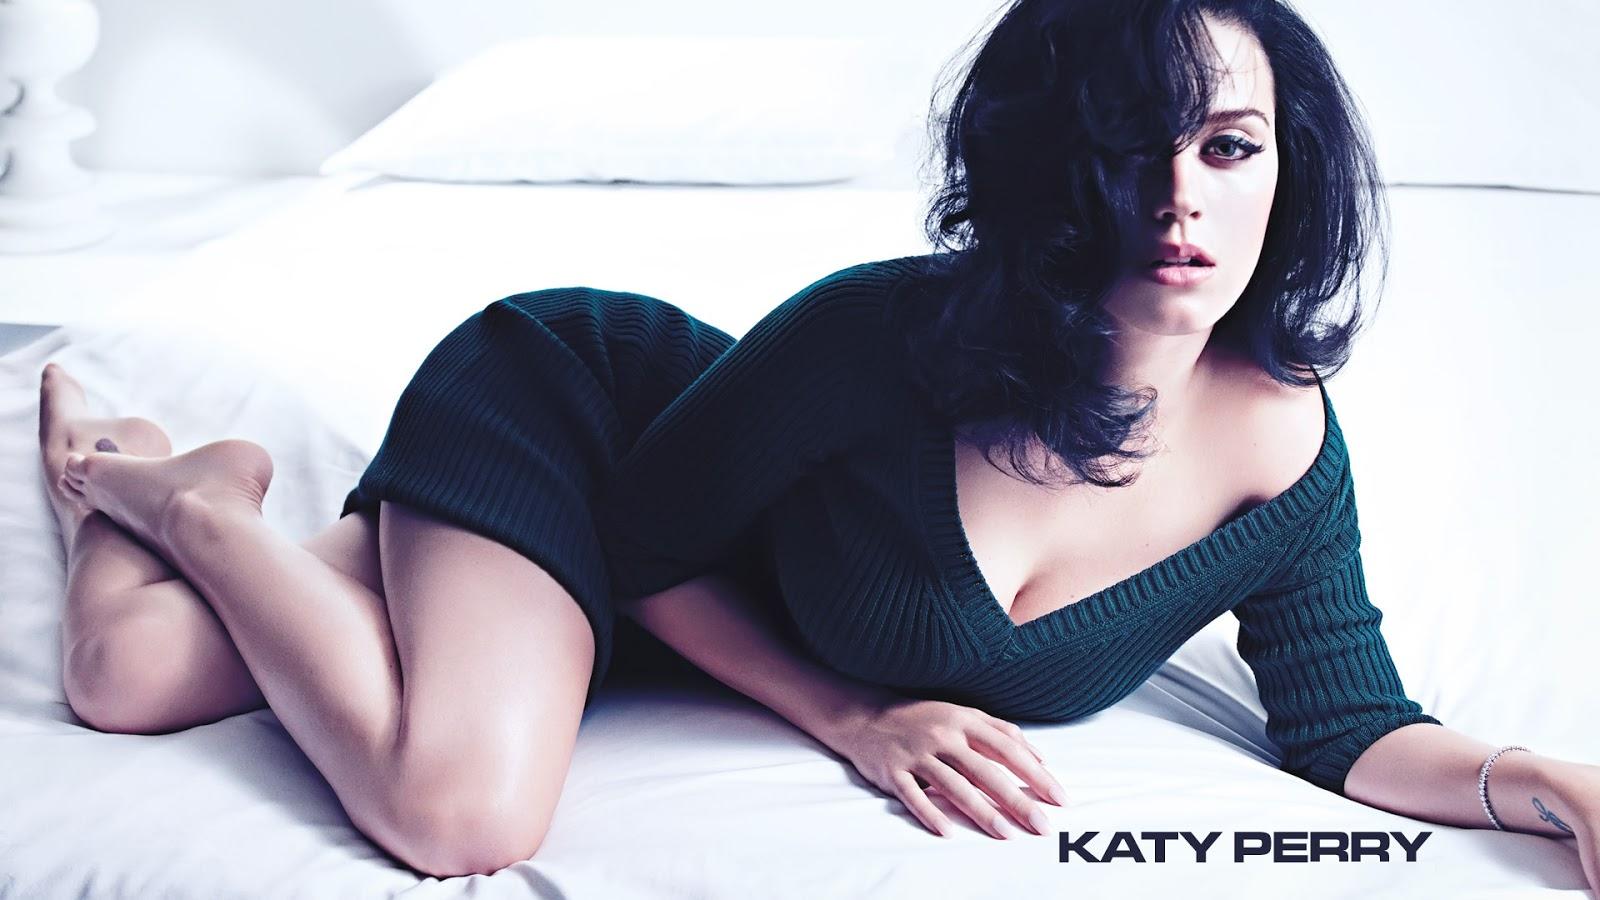 Top Teen Arriest Katy Perry